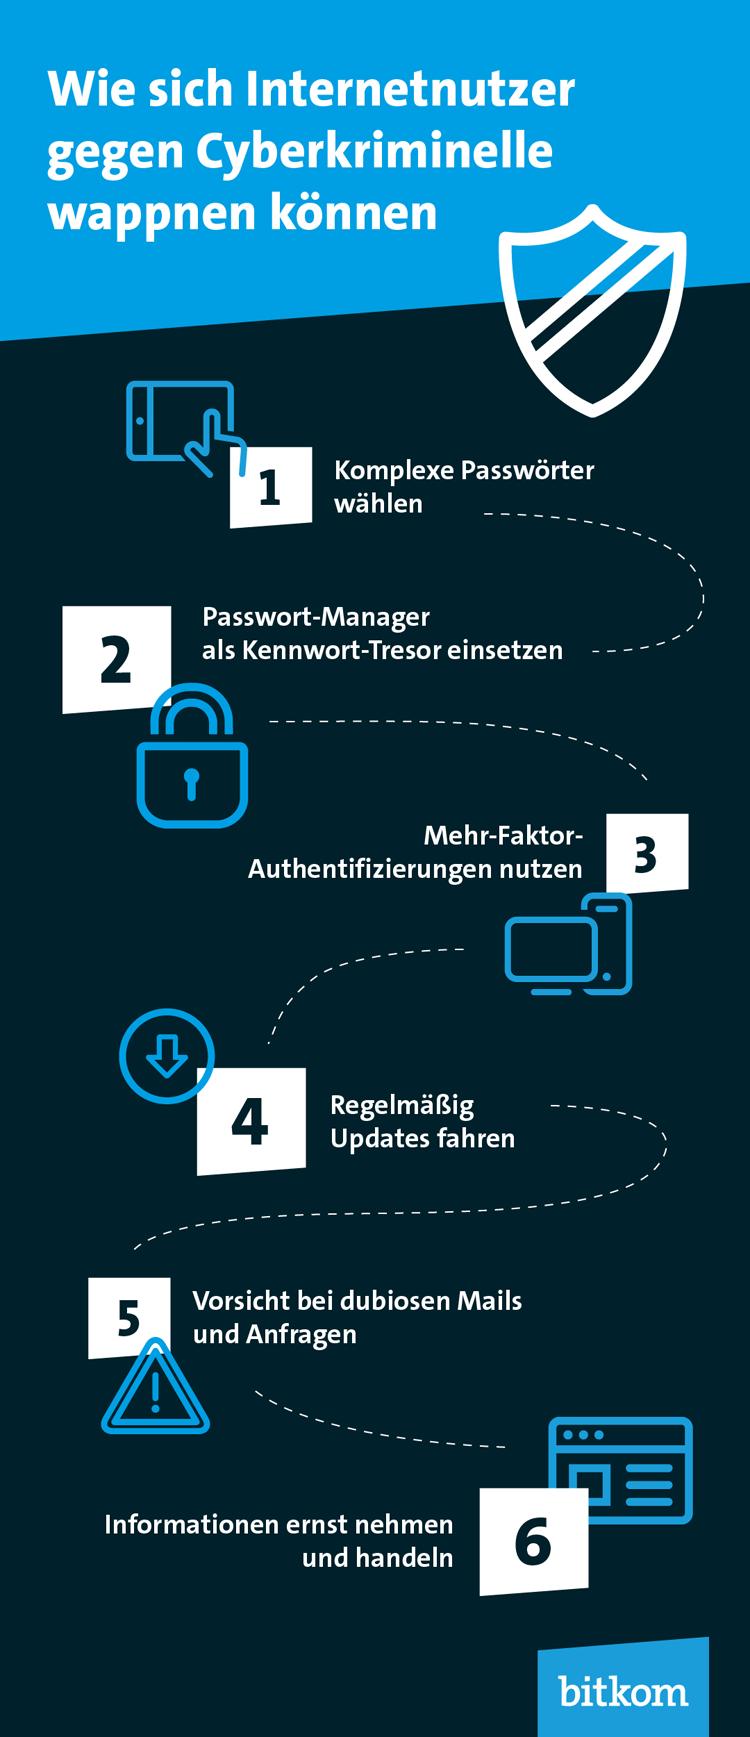 Infografik: 6 Tipps zum Schutz vor Cyberkriminalität